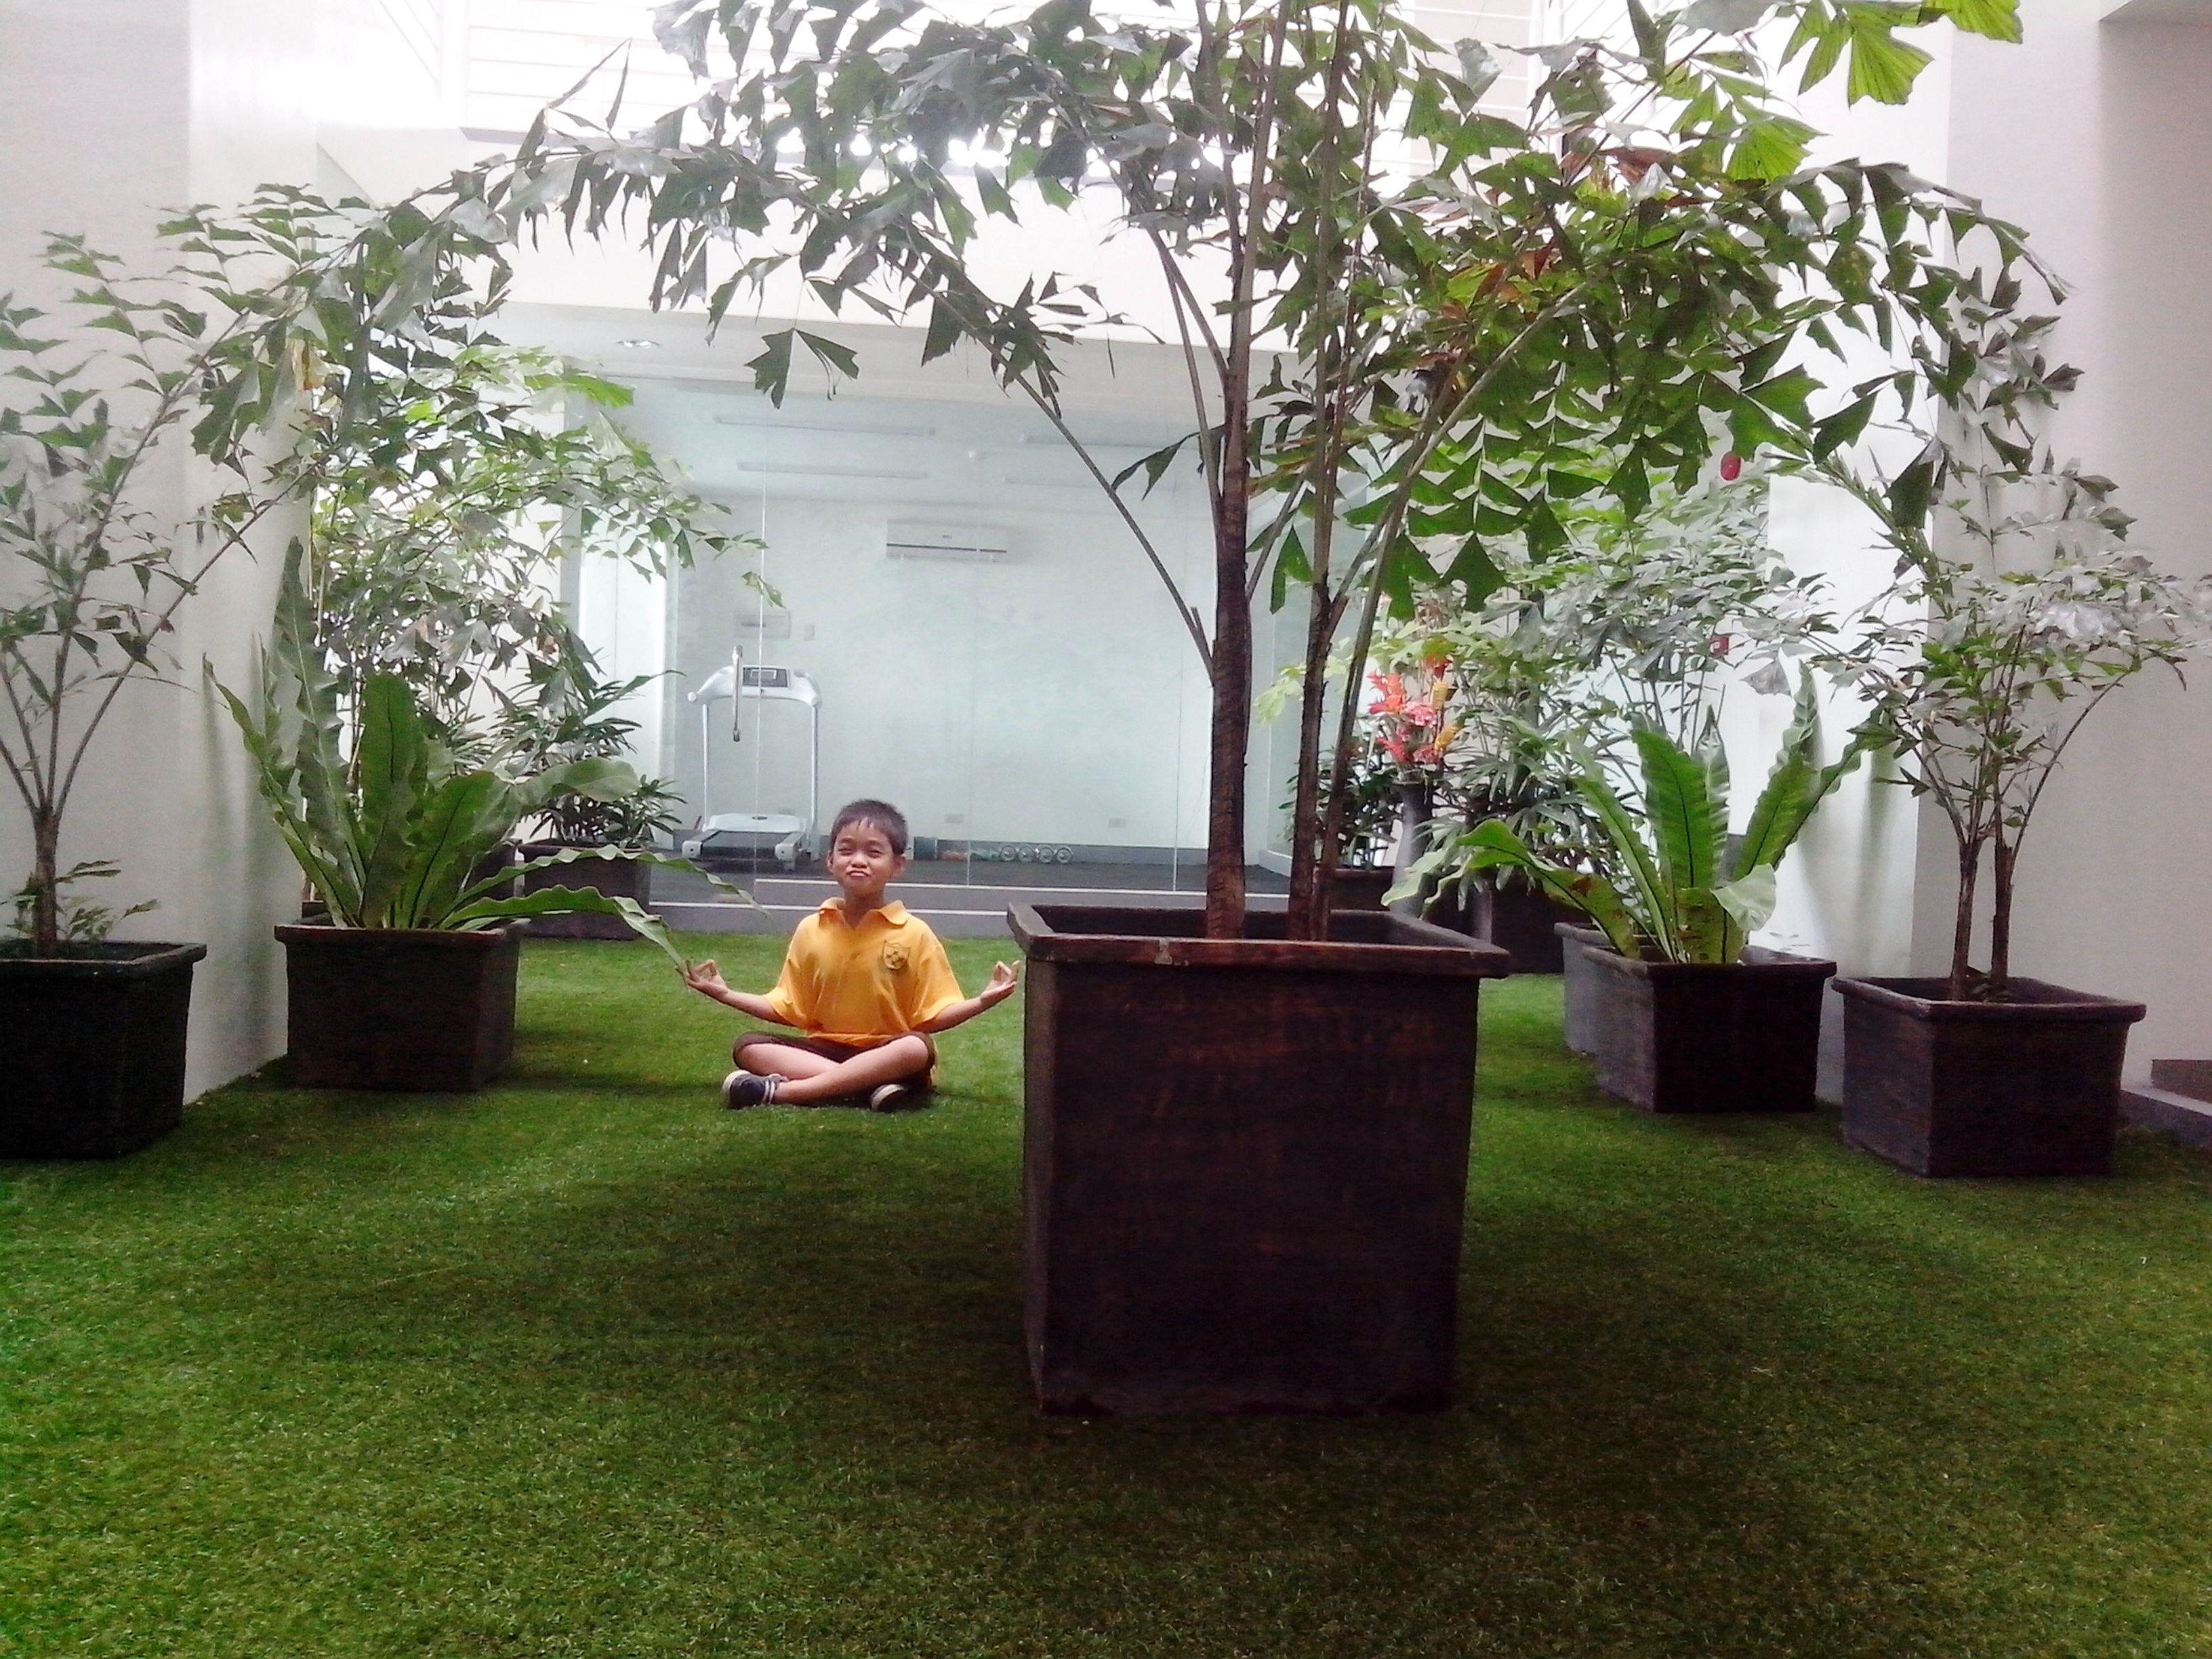 Testimonial - Rosanna Lim experience at Primavera Residences